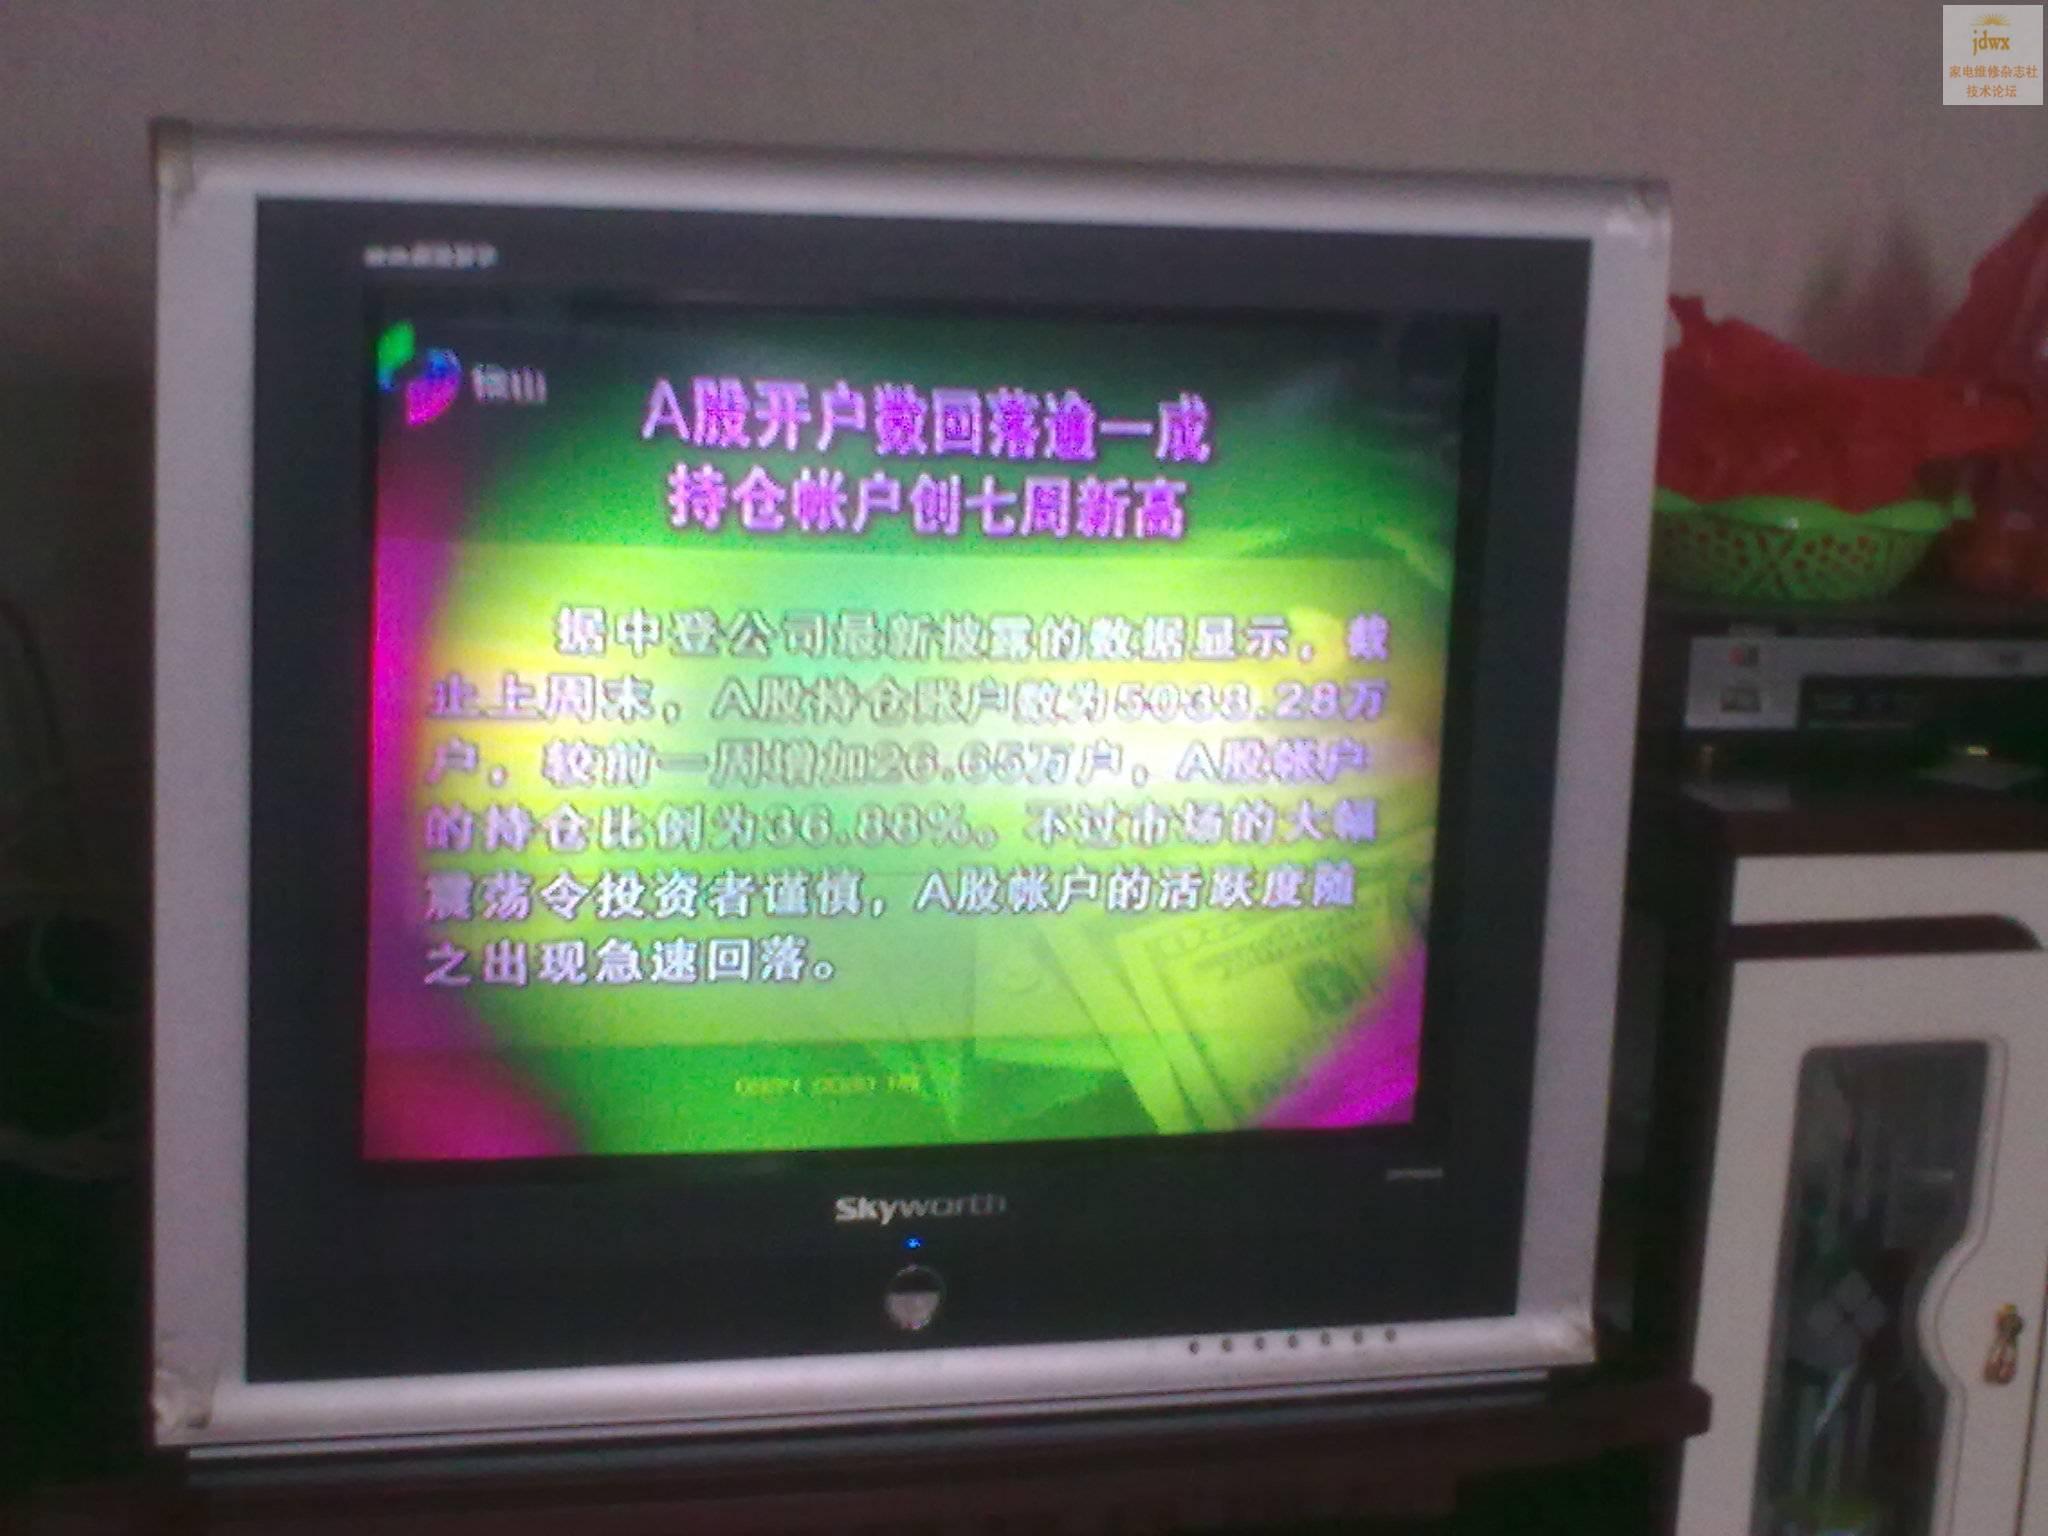 我修的是创维29t68aa电视